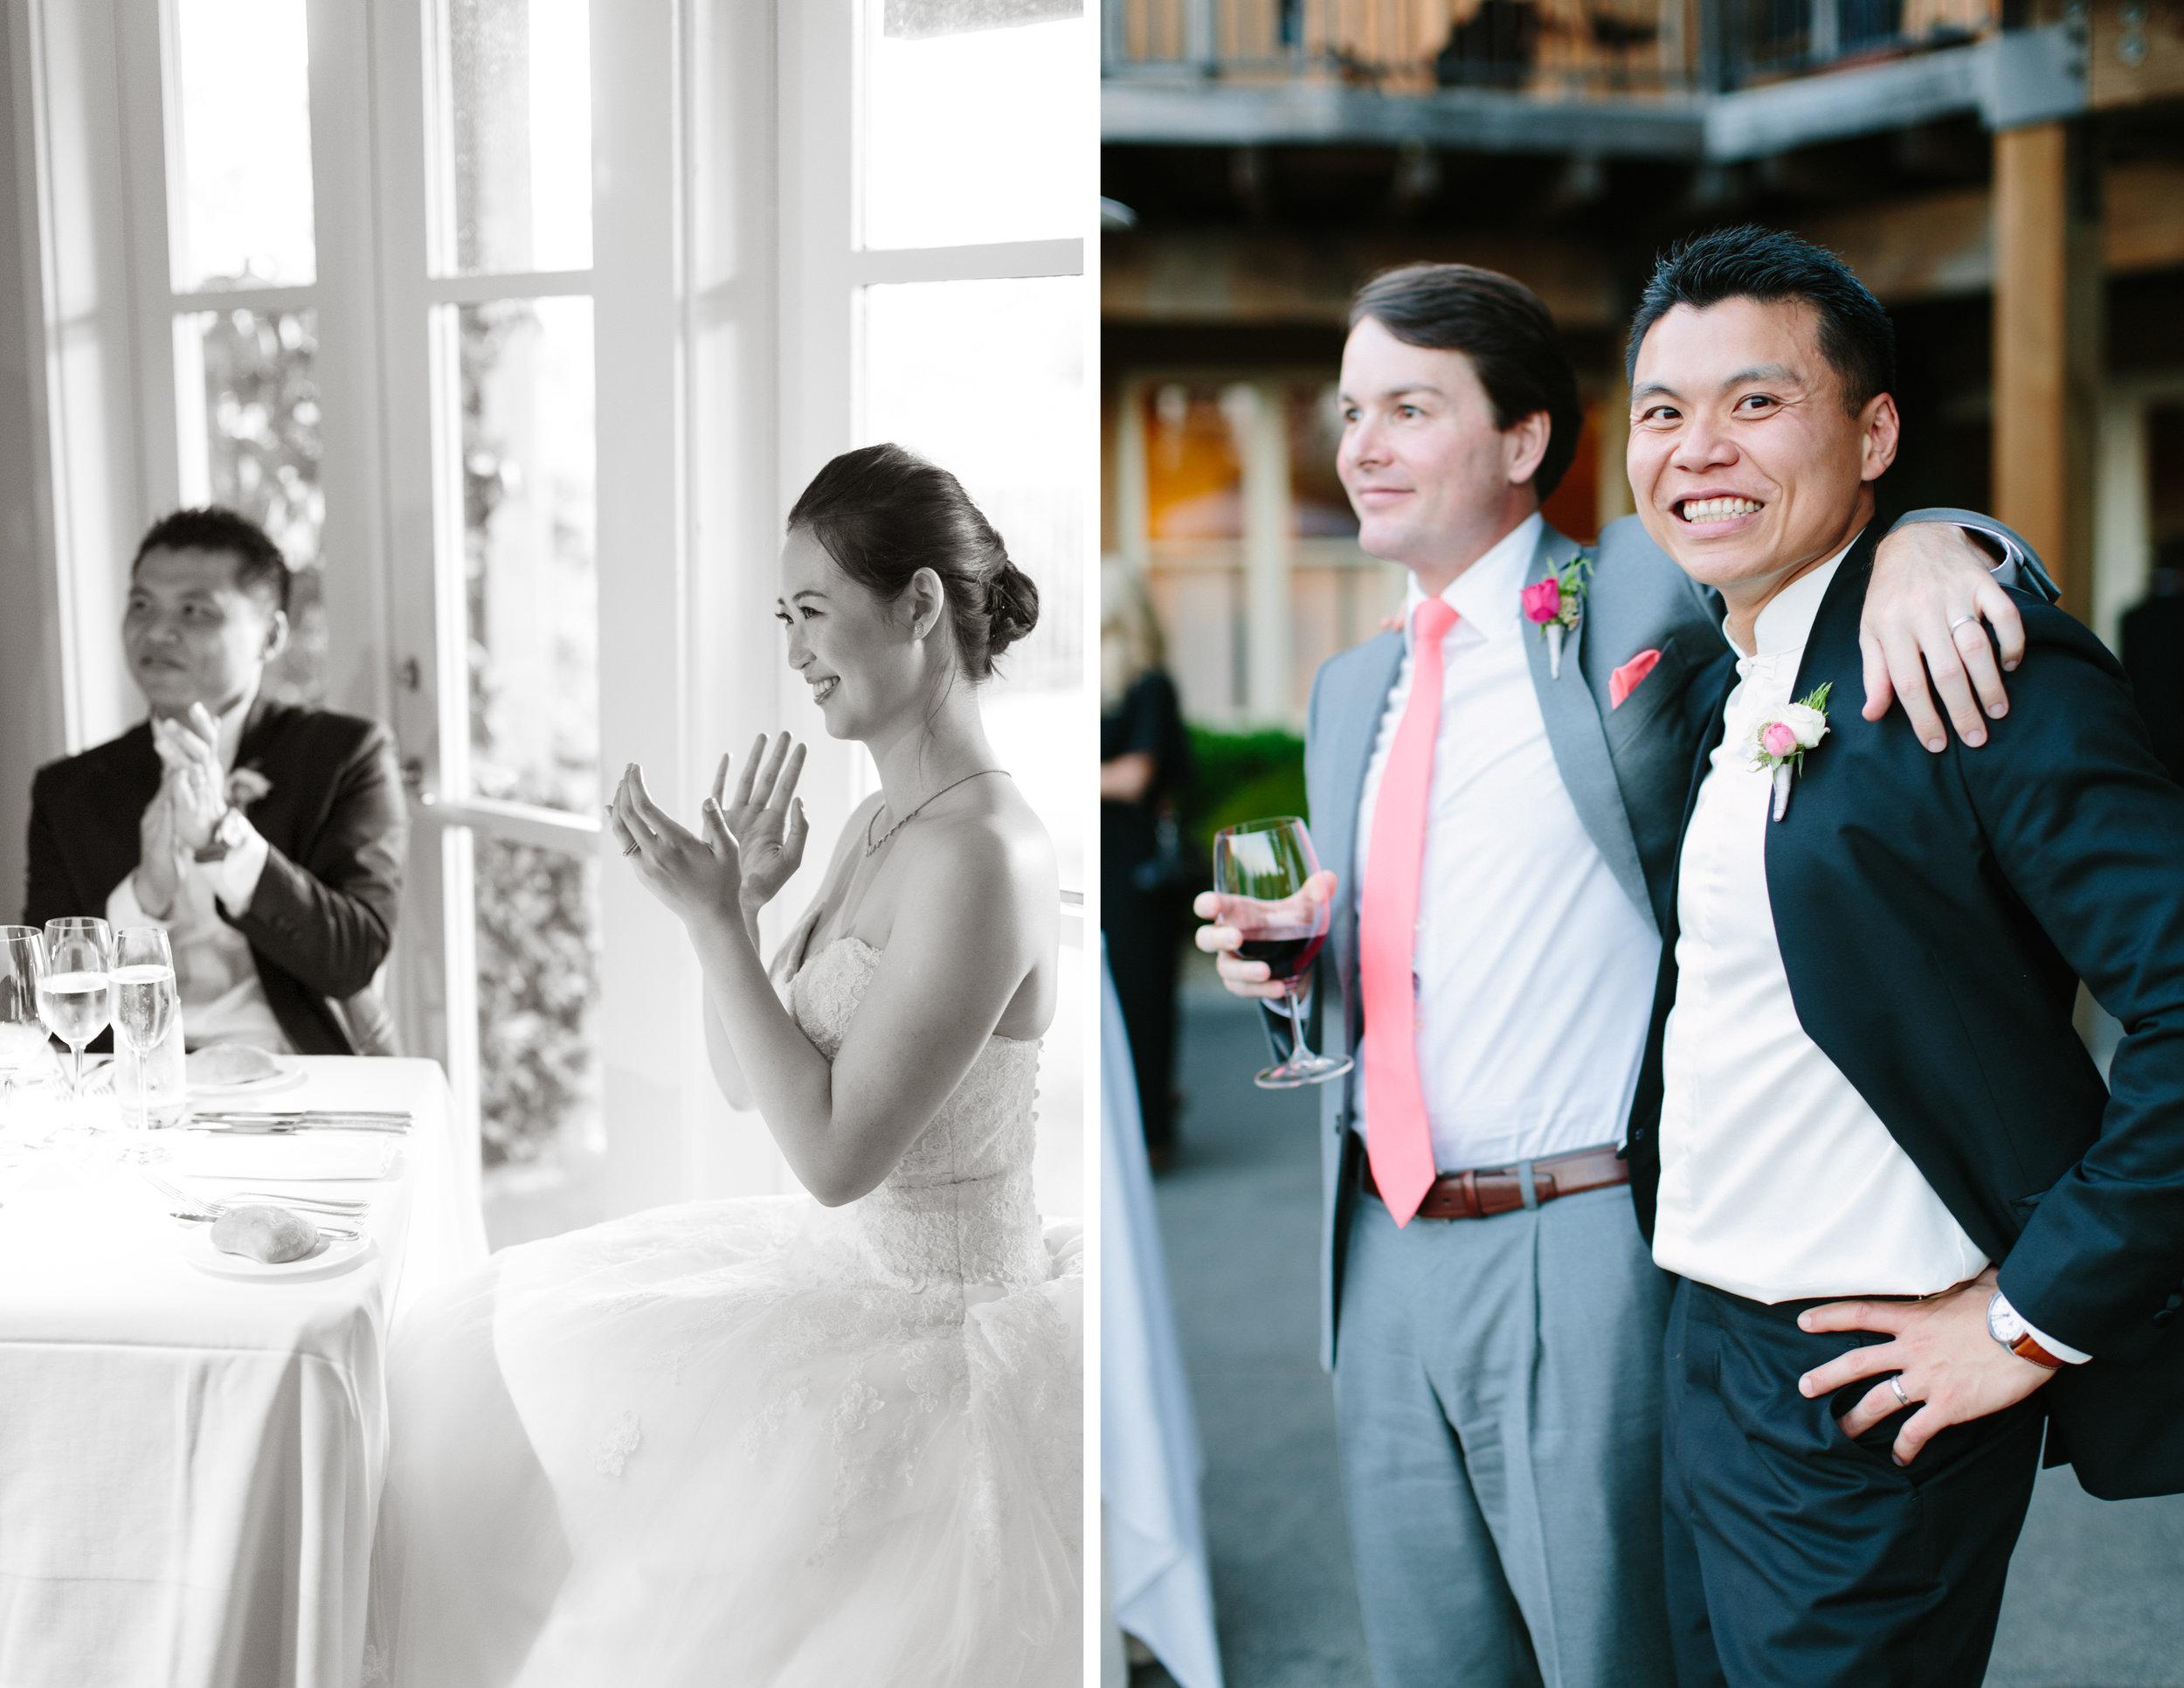 auberge du soleil wedding 17.jpg